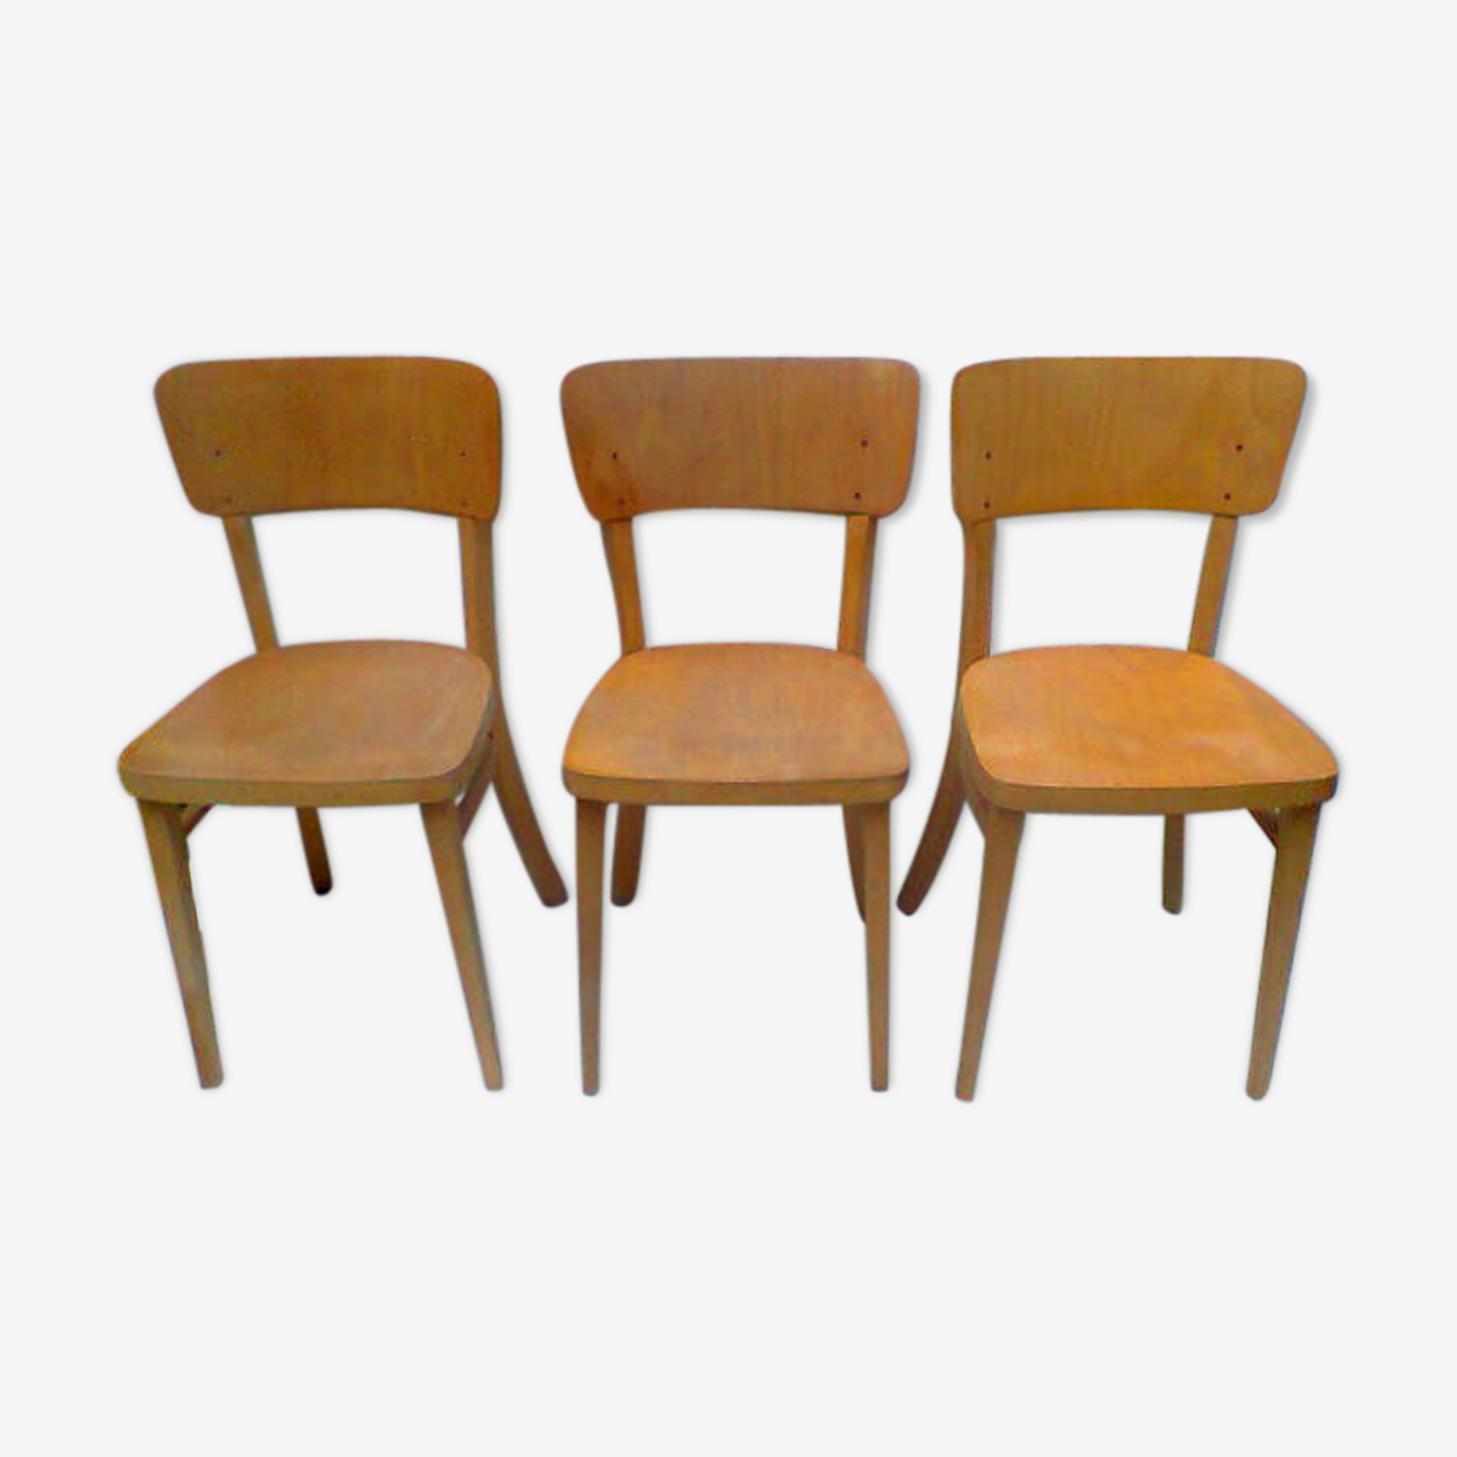 Suite de 3 chaises Thonet